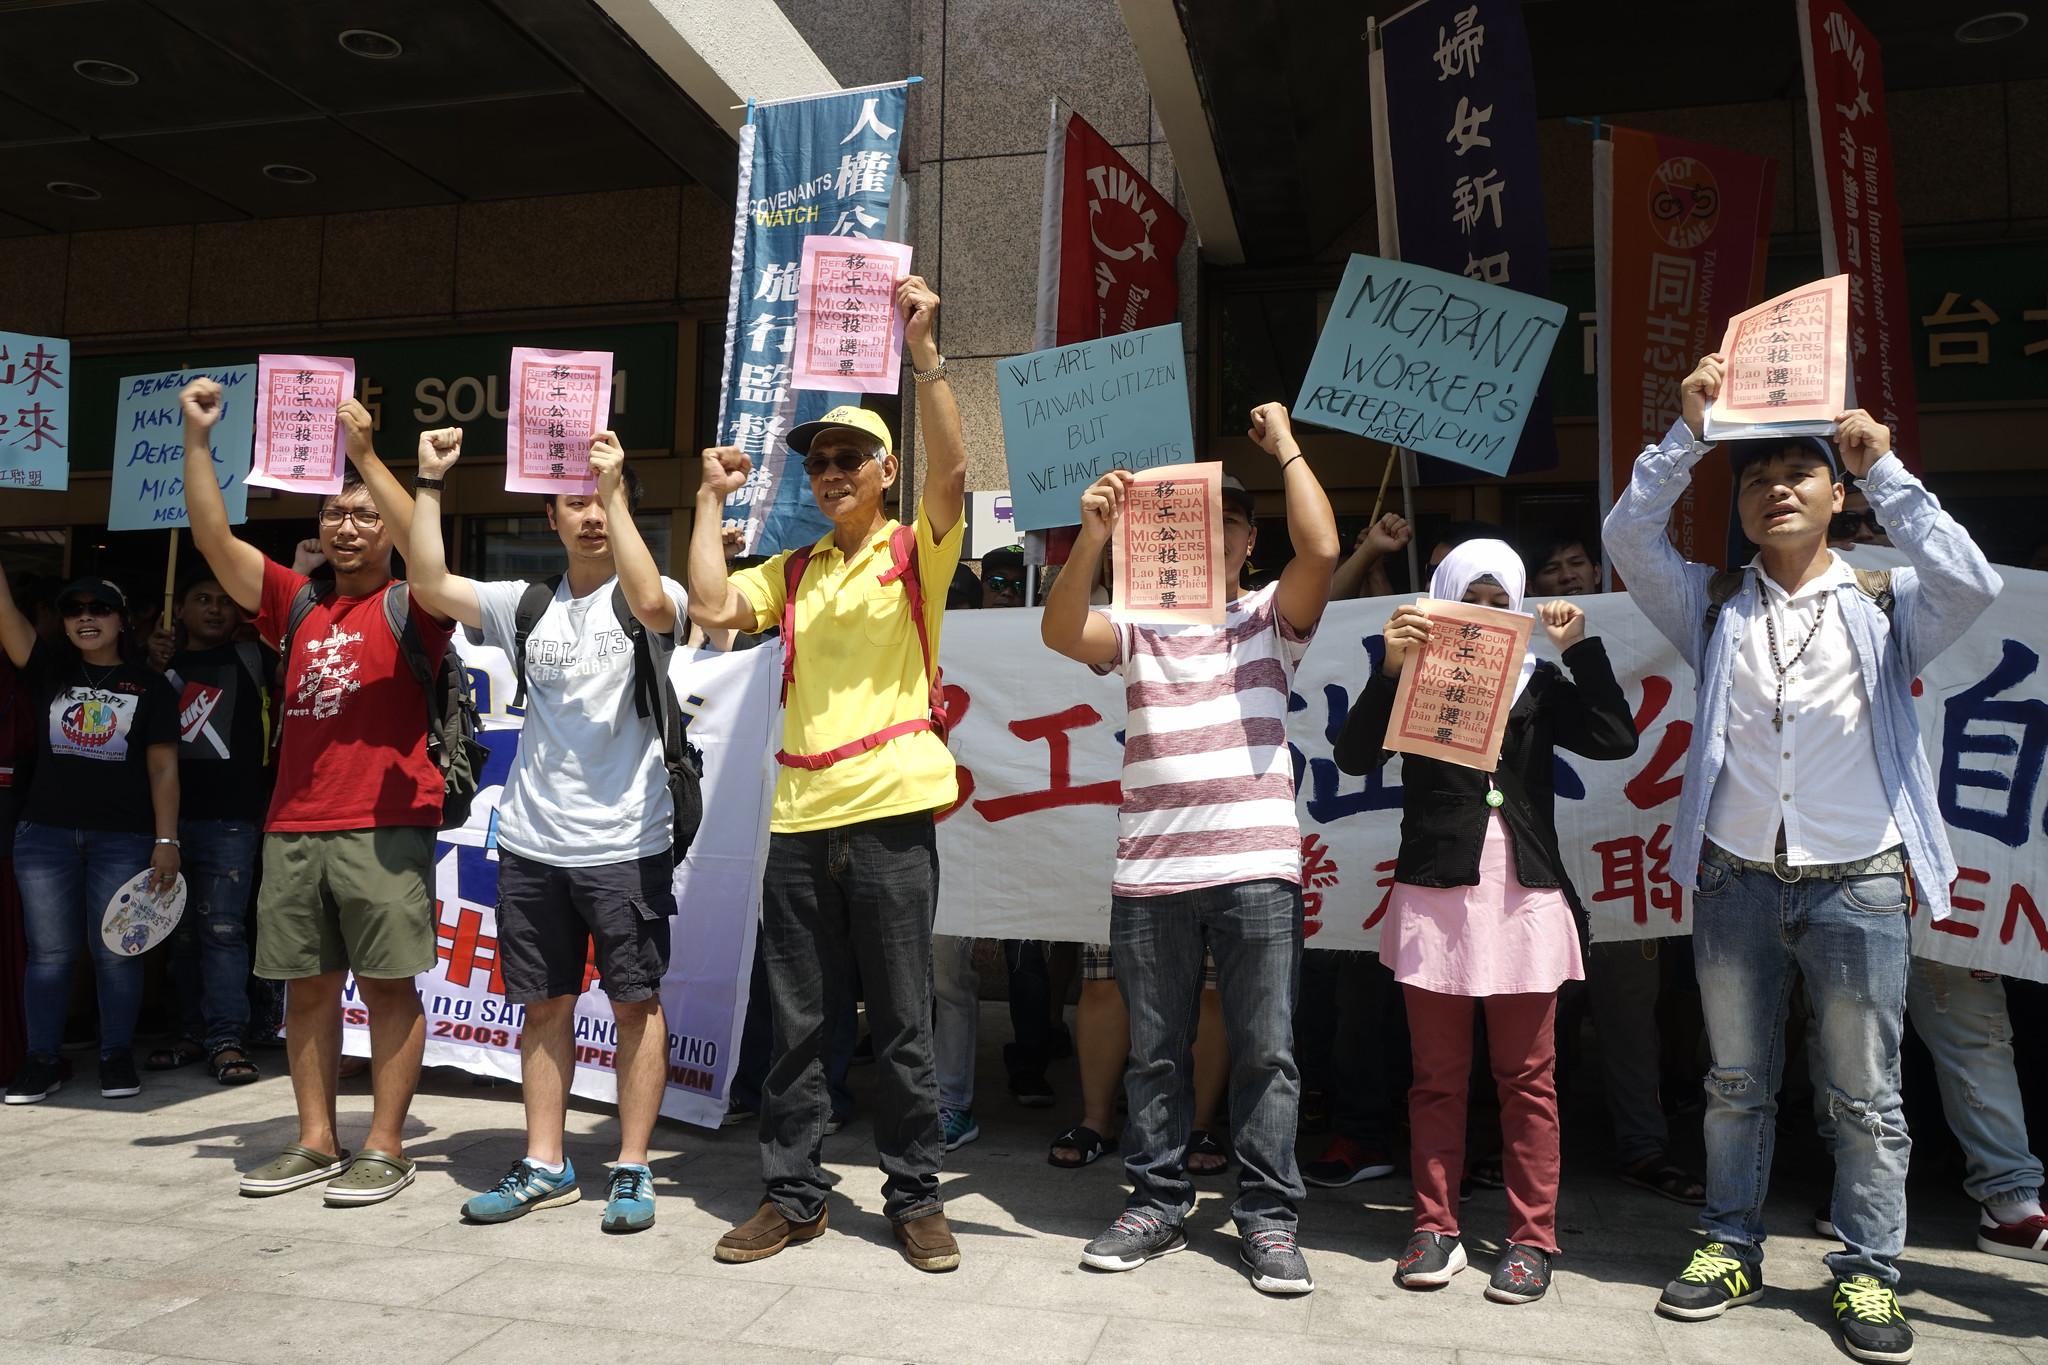 台灣移工聯盟也邀請各國、各產業移工代表,以及台灣的學生、雇主與工會代表,前來參與投票。(攝影:張宗坤)